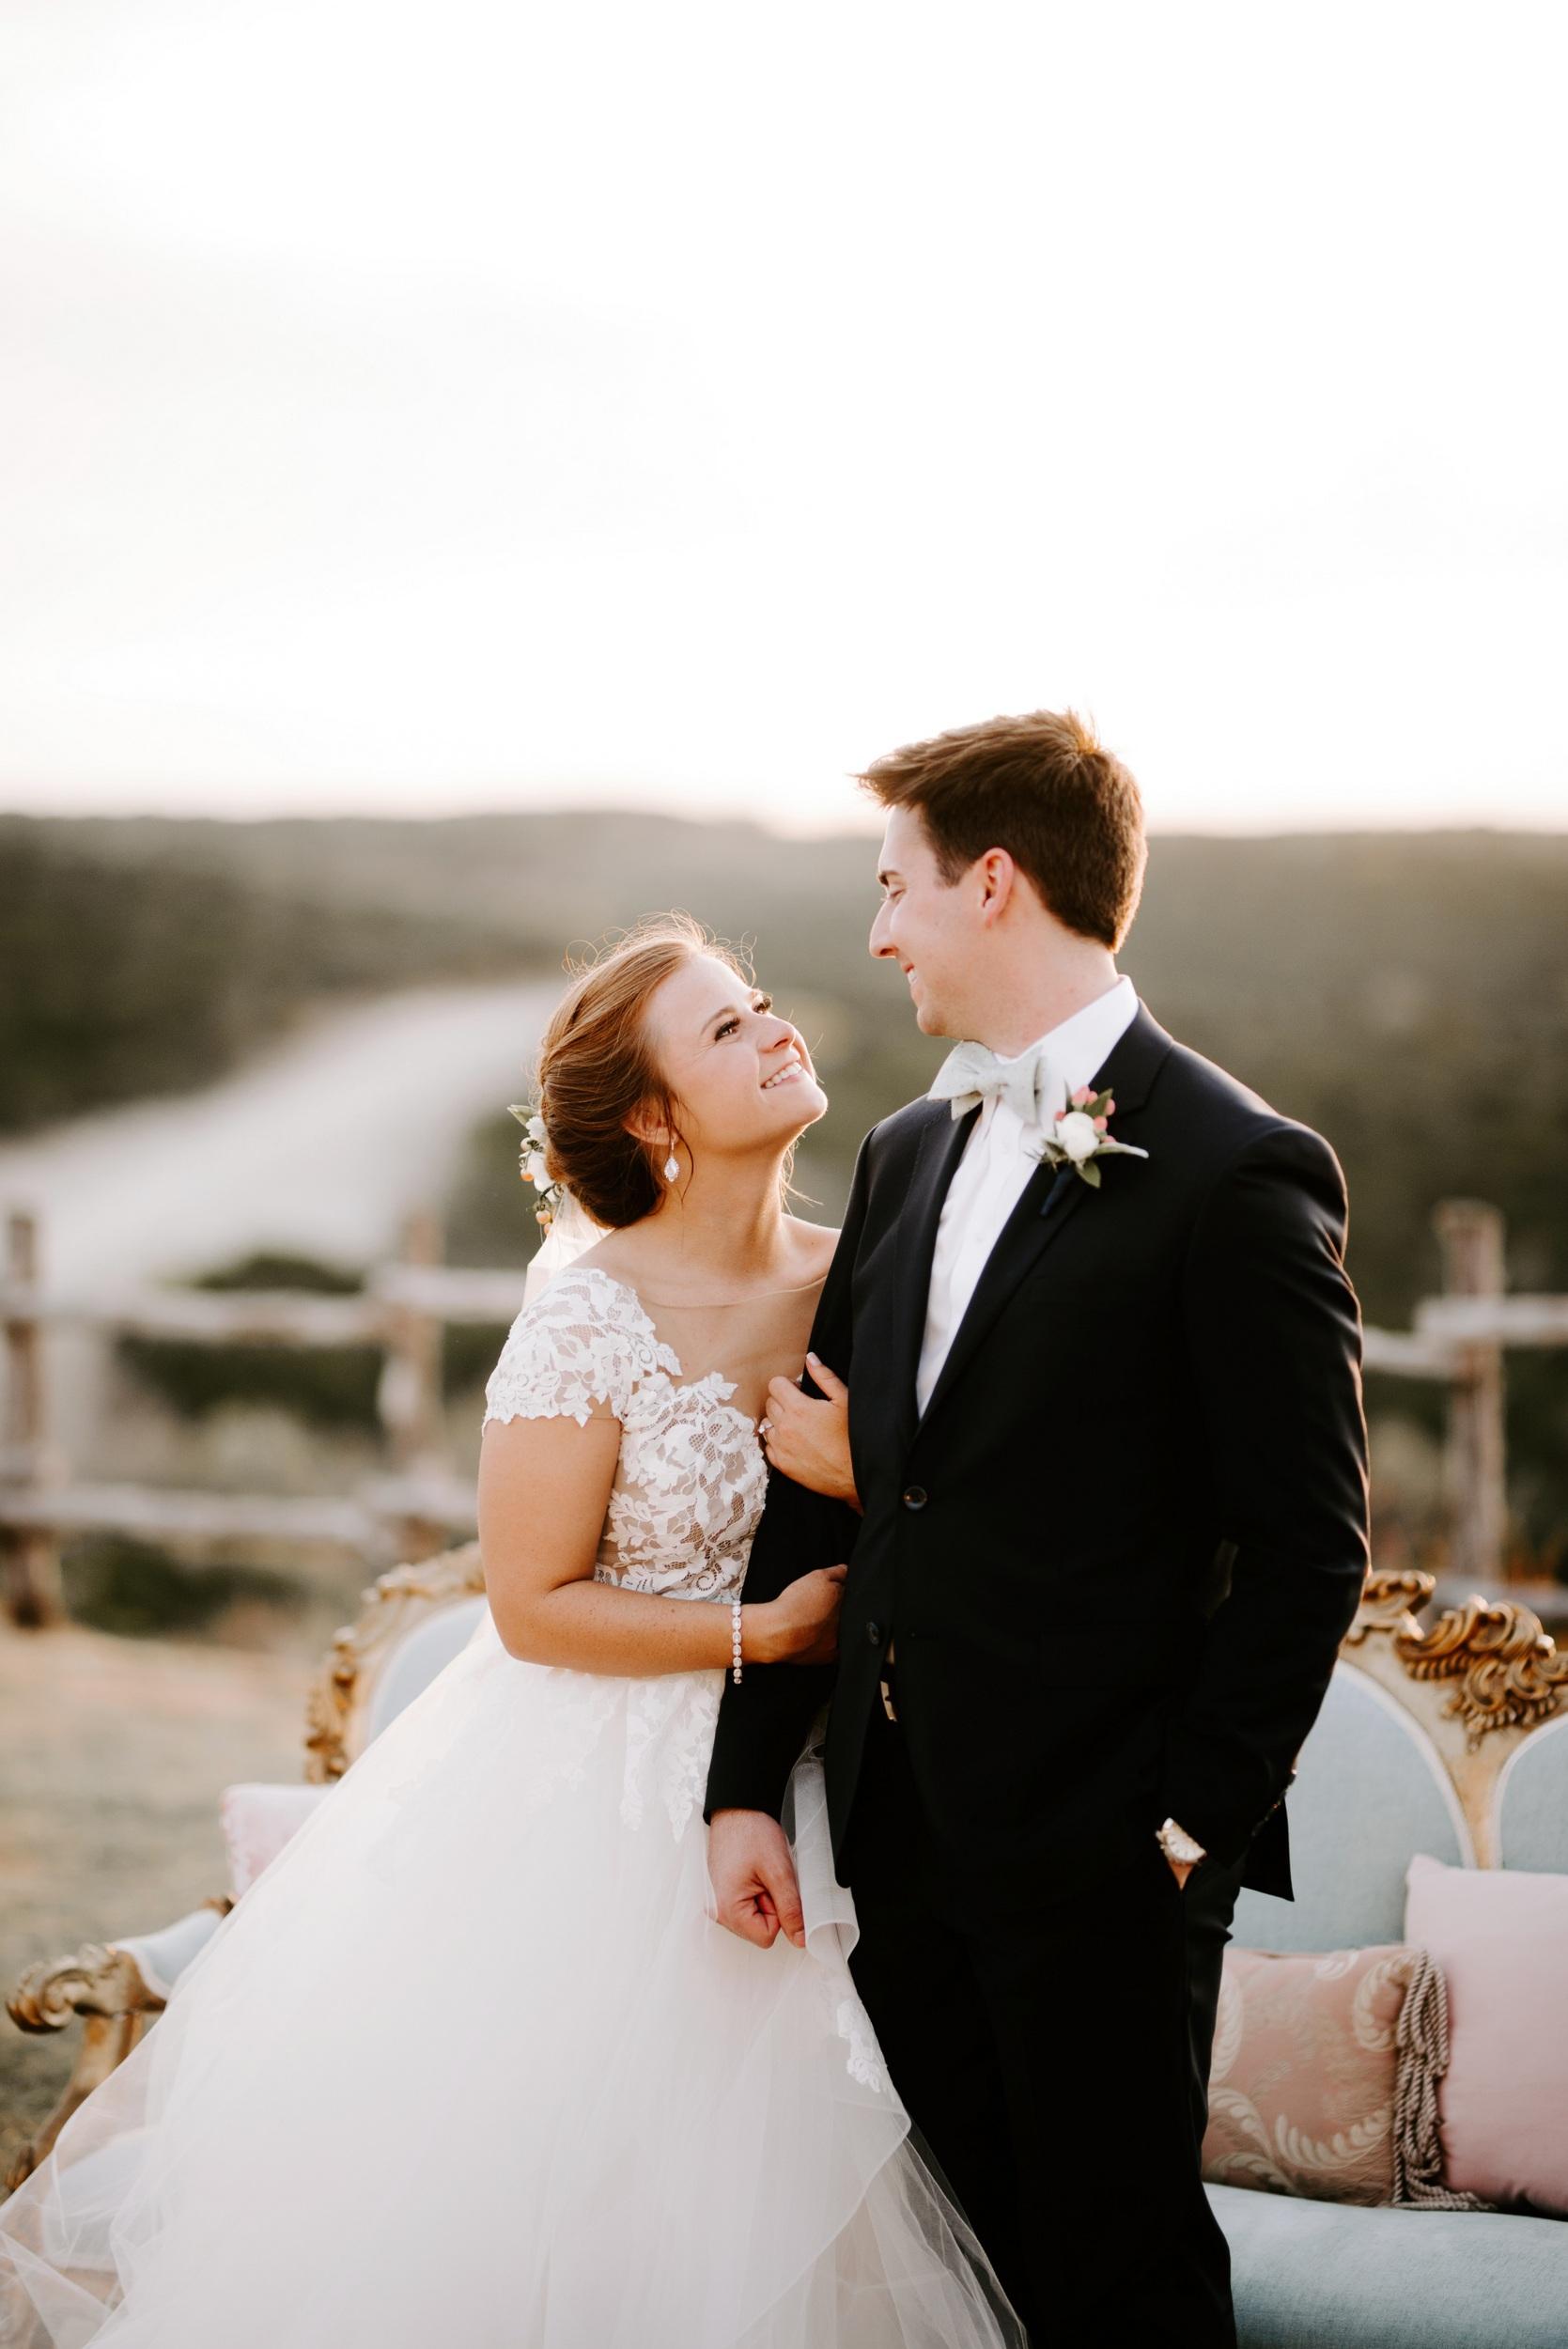 1-MADDY + PATRICK WEDDING_HALEY RYNN RINGO_rent my dust_p (56).jpg